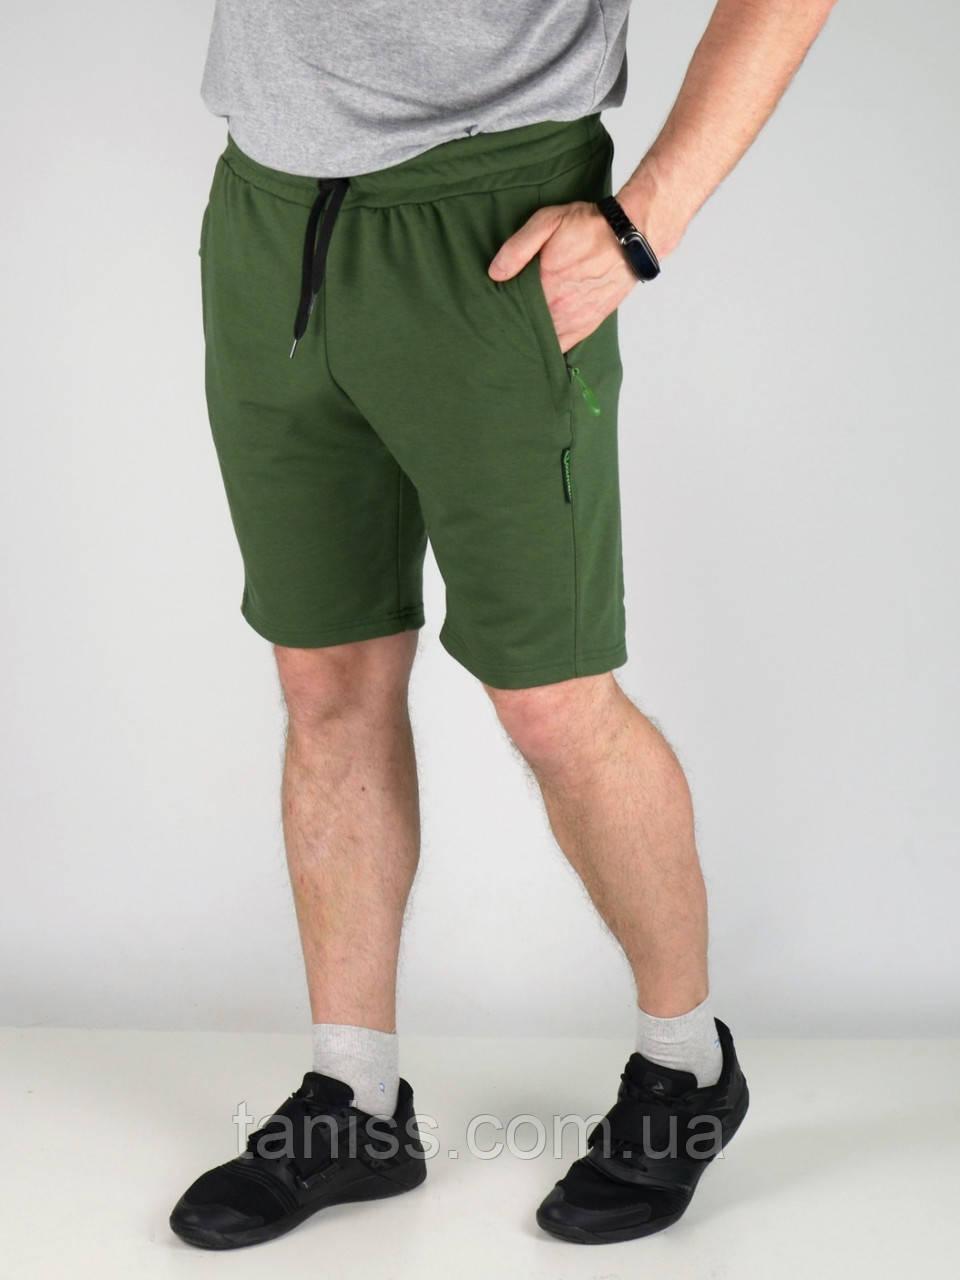 Чоловічі спортивні трикотажні шорти NEW «CLASSIC» з кишенями, р. 46,48,50,52,54 хакі